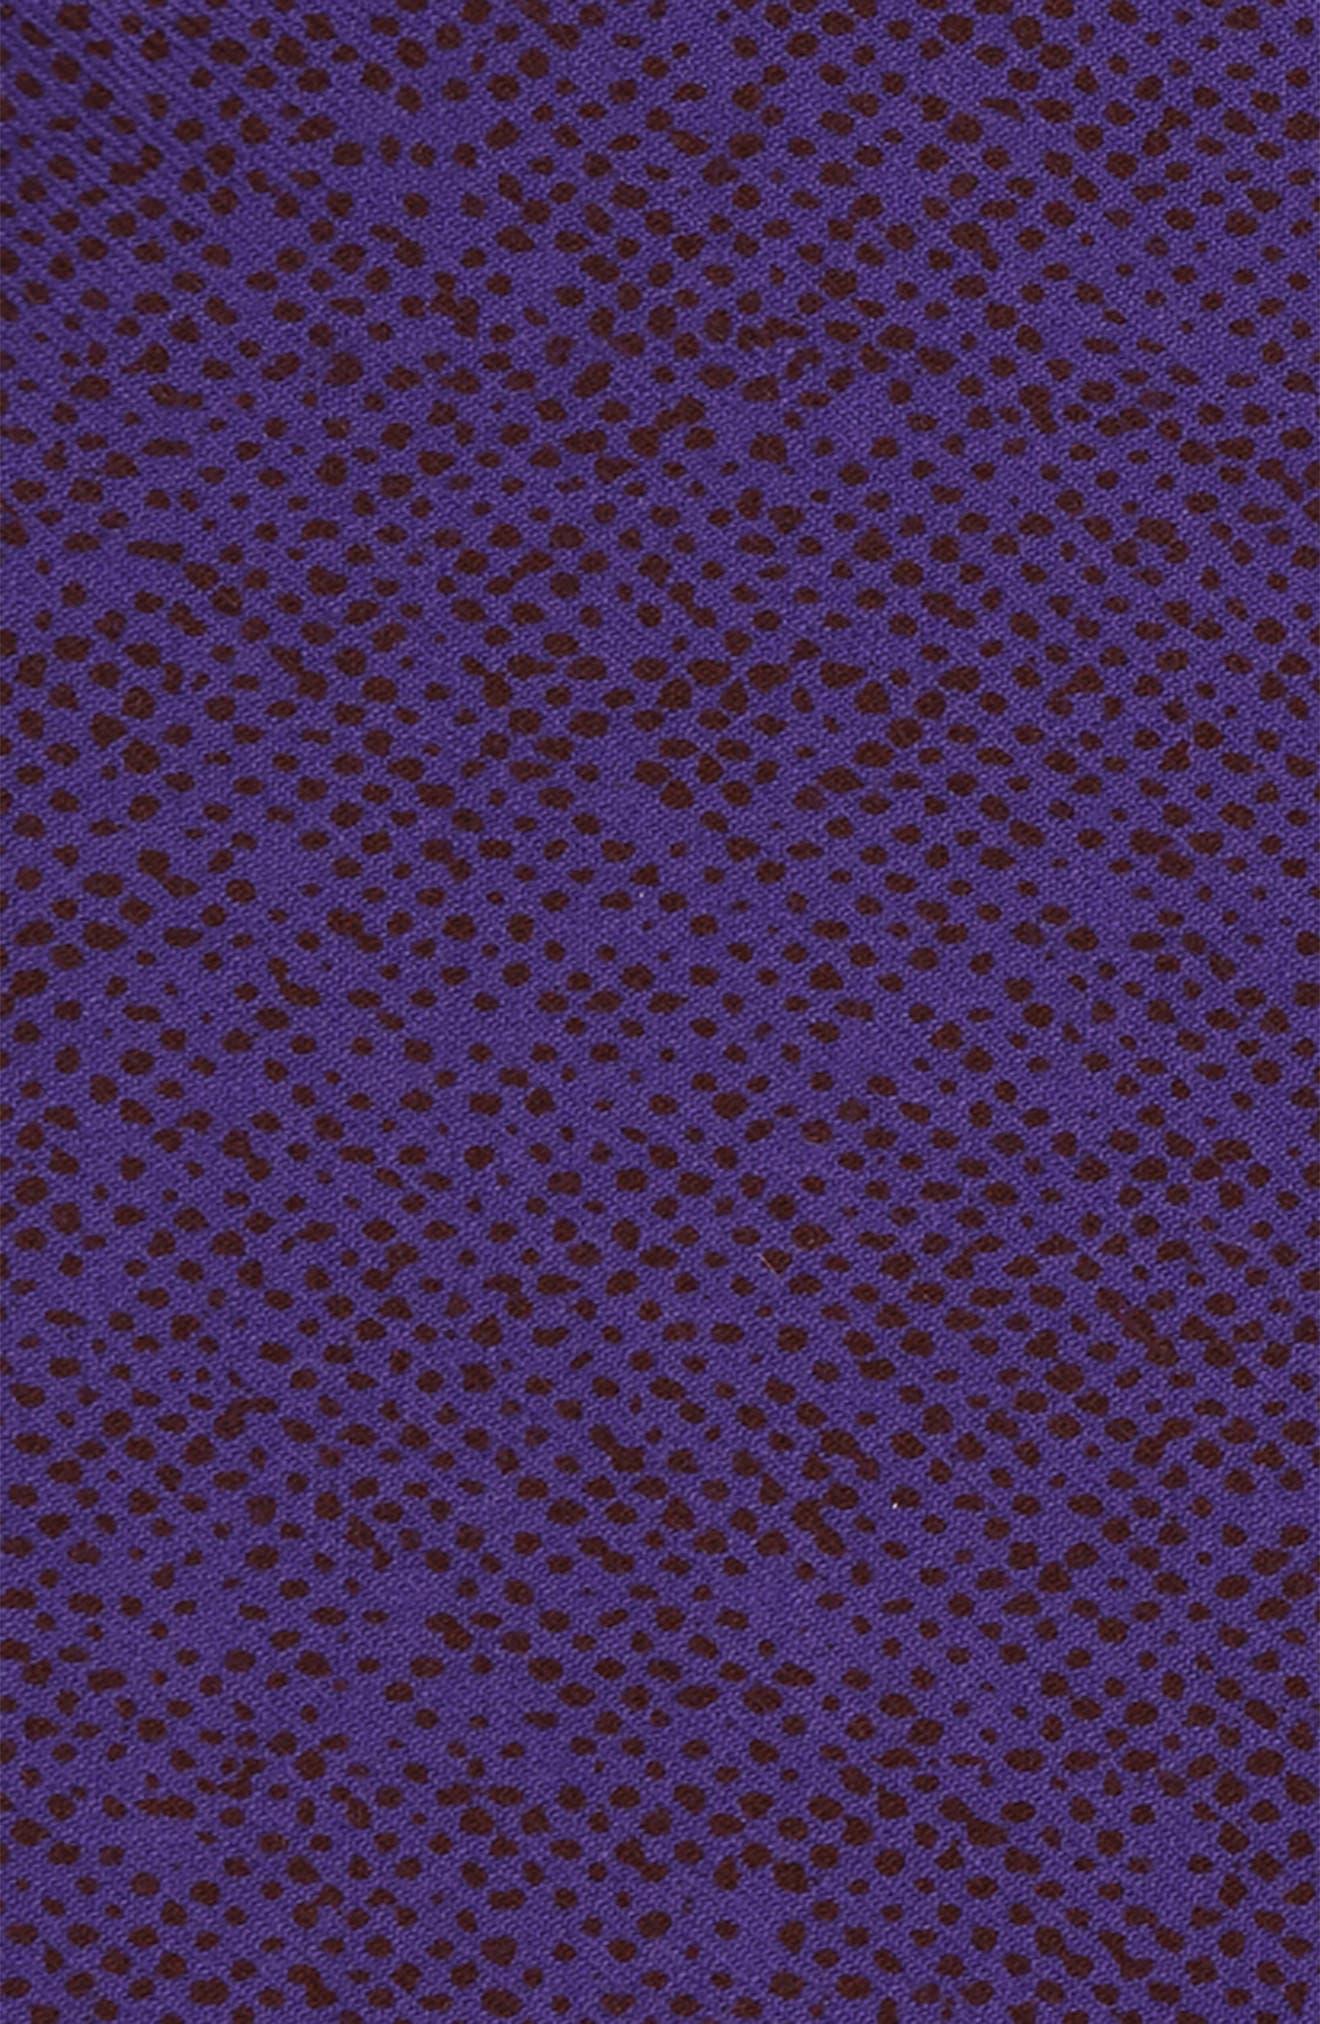 Purple Dot Wool Pocket Square,                             Alternate thumbnail 3, color,                             500